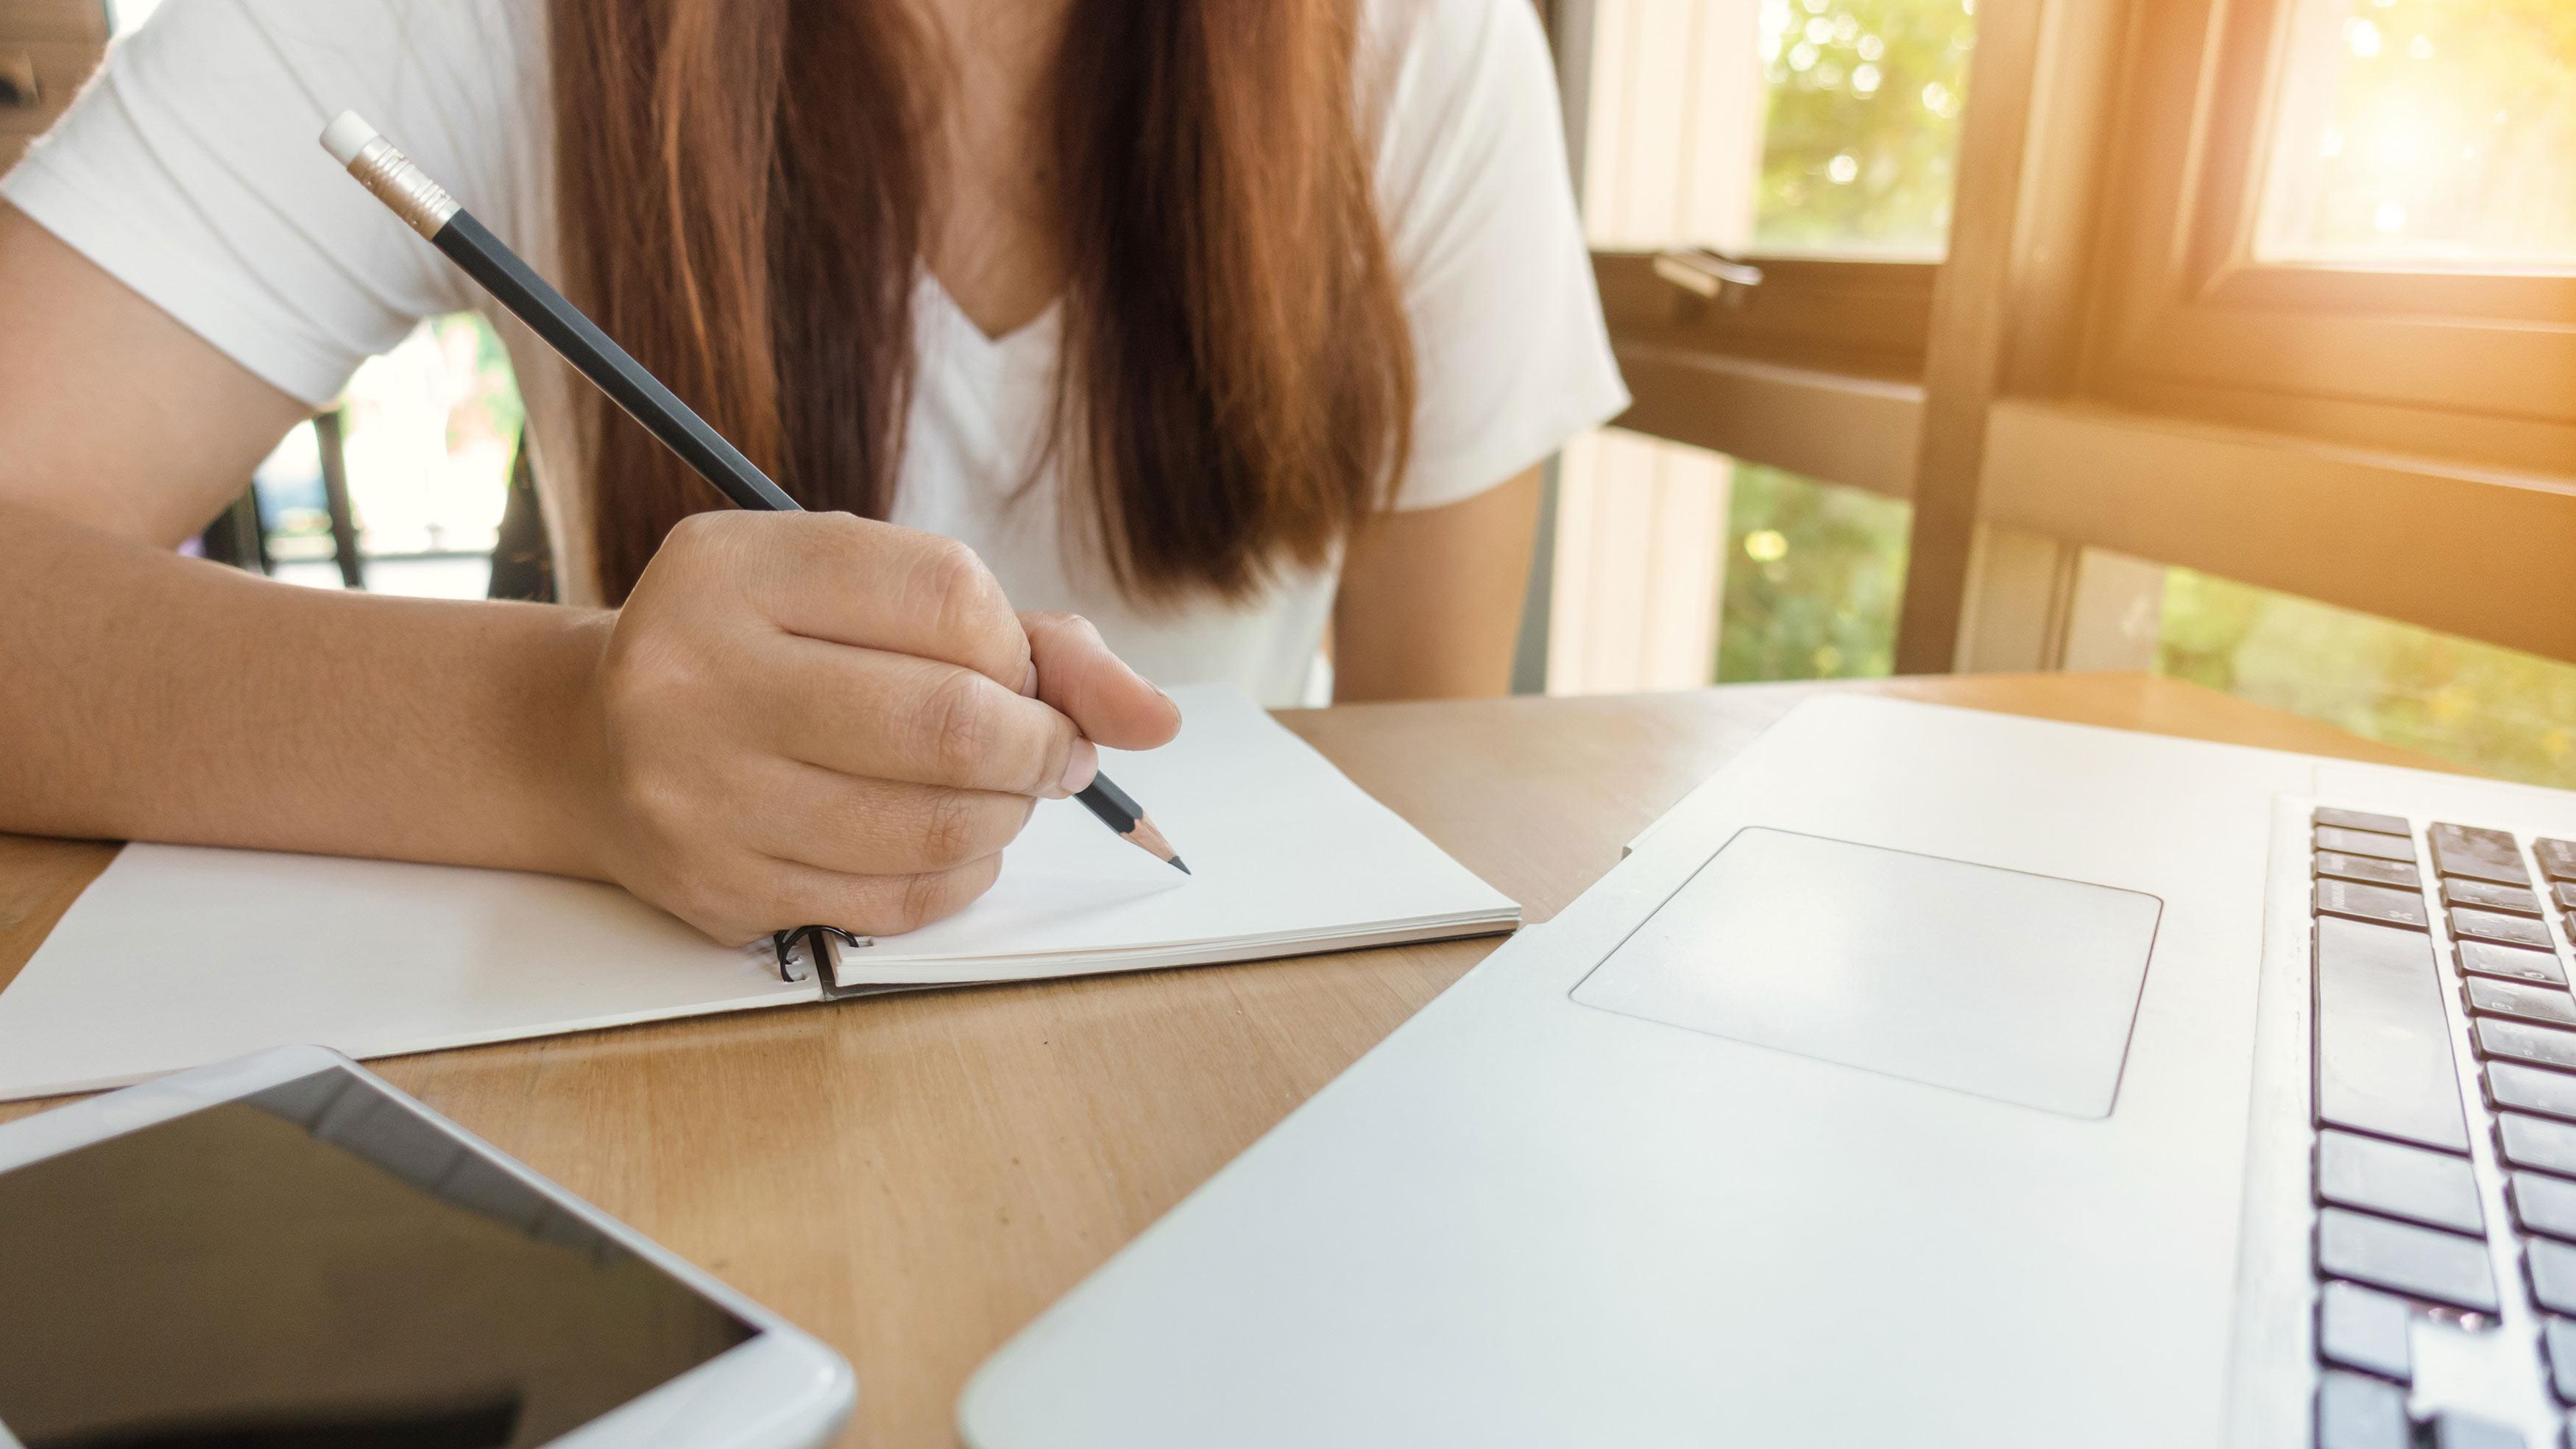 <html>  <head></head>  <body>   <p>Pour obtenir un travail dans la fonction publique au Canada, il est nécessaire d'attester de son niveau en anglais en passant l'examen d'anglais du gouvernement fédéral. Ce test est composé de trois parties : un test de compréhension orale, un test d'expression écrite et un test de compréhension de l'écrit. Avant de vous inscrire, découvrez comment se préparer de manière efficace au <a href=